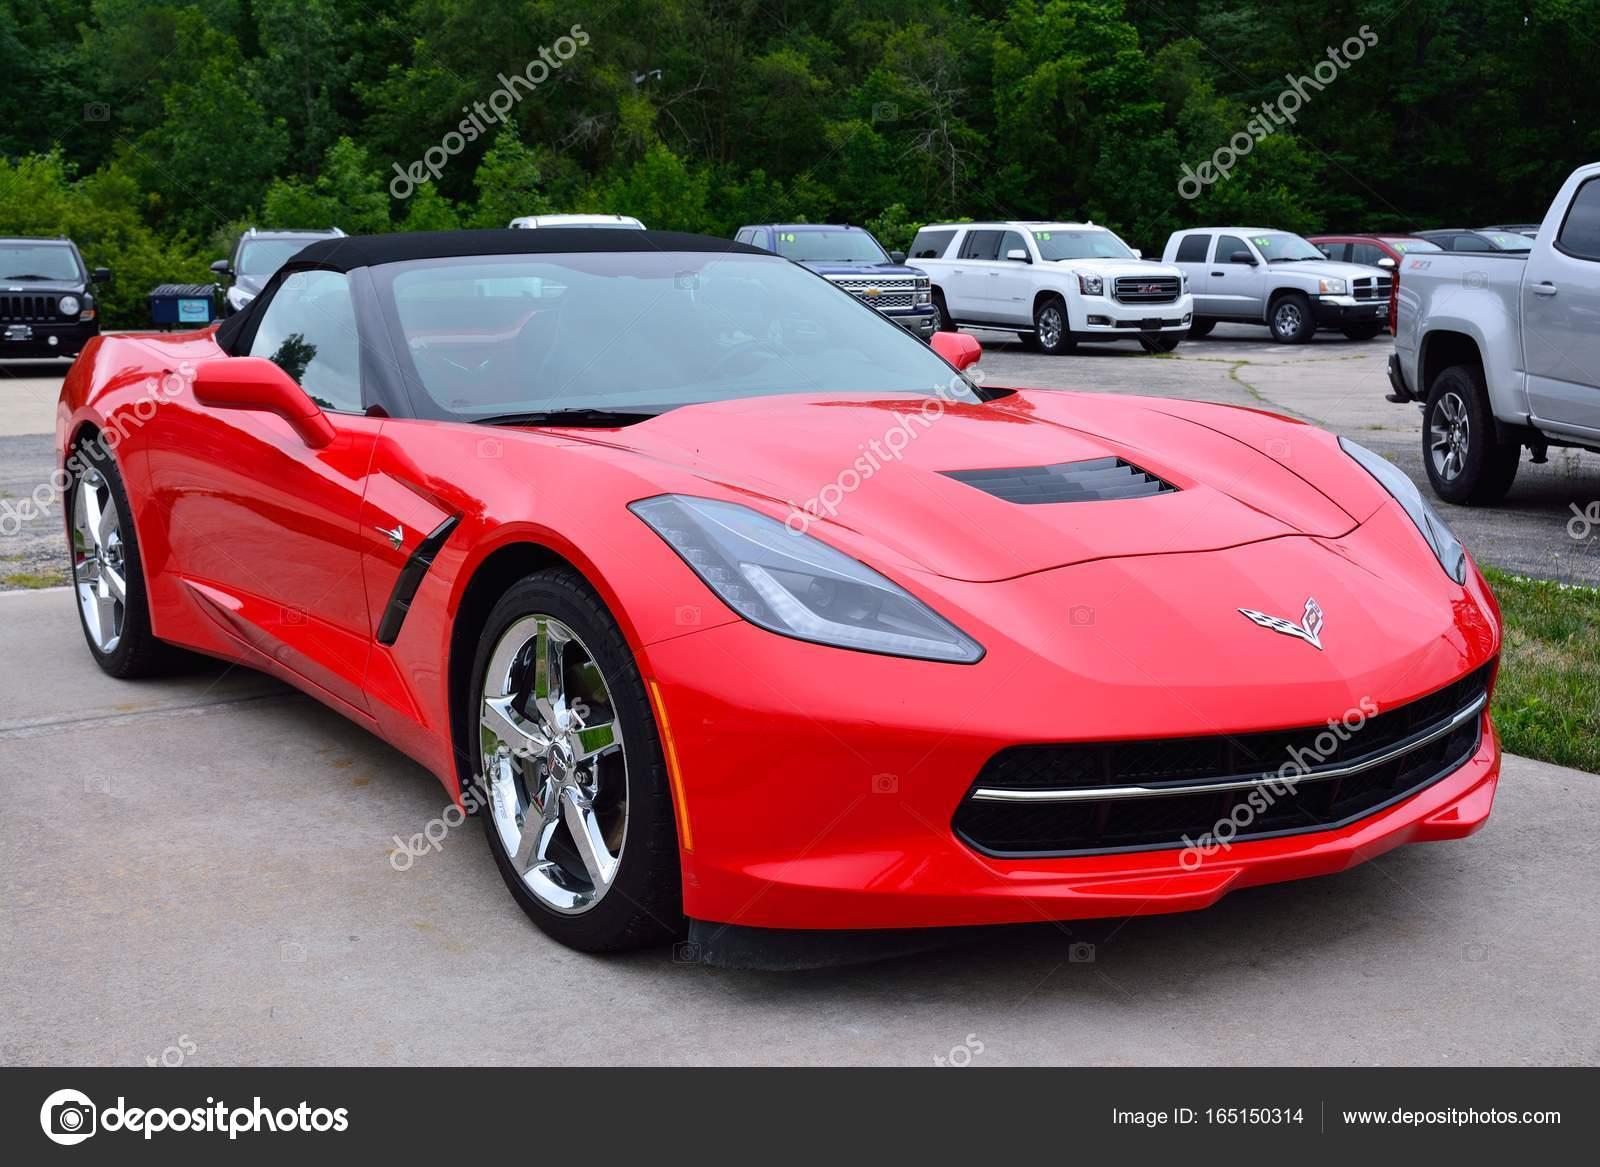 voiture de sport rouge am ricain chevrolet corvette. Black Bedroom Furniture Sets. Home Design Ideas